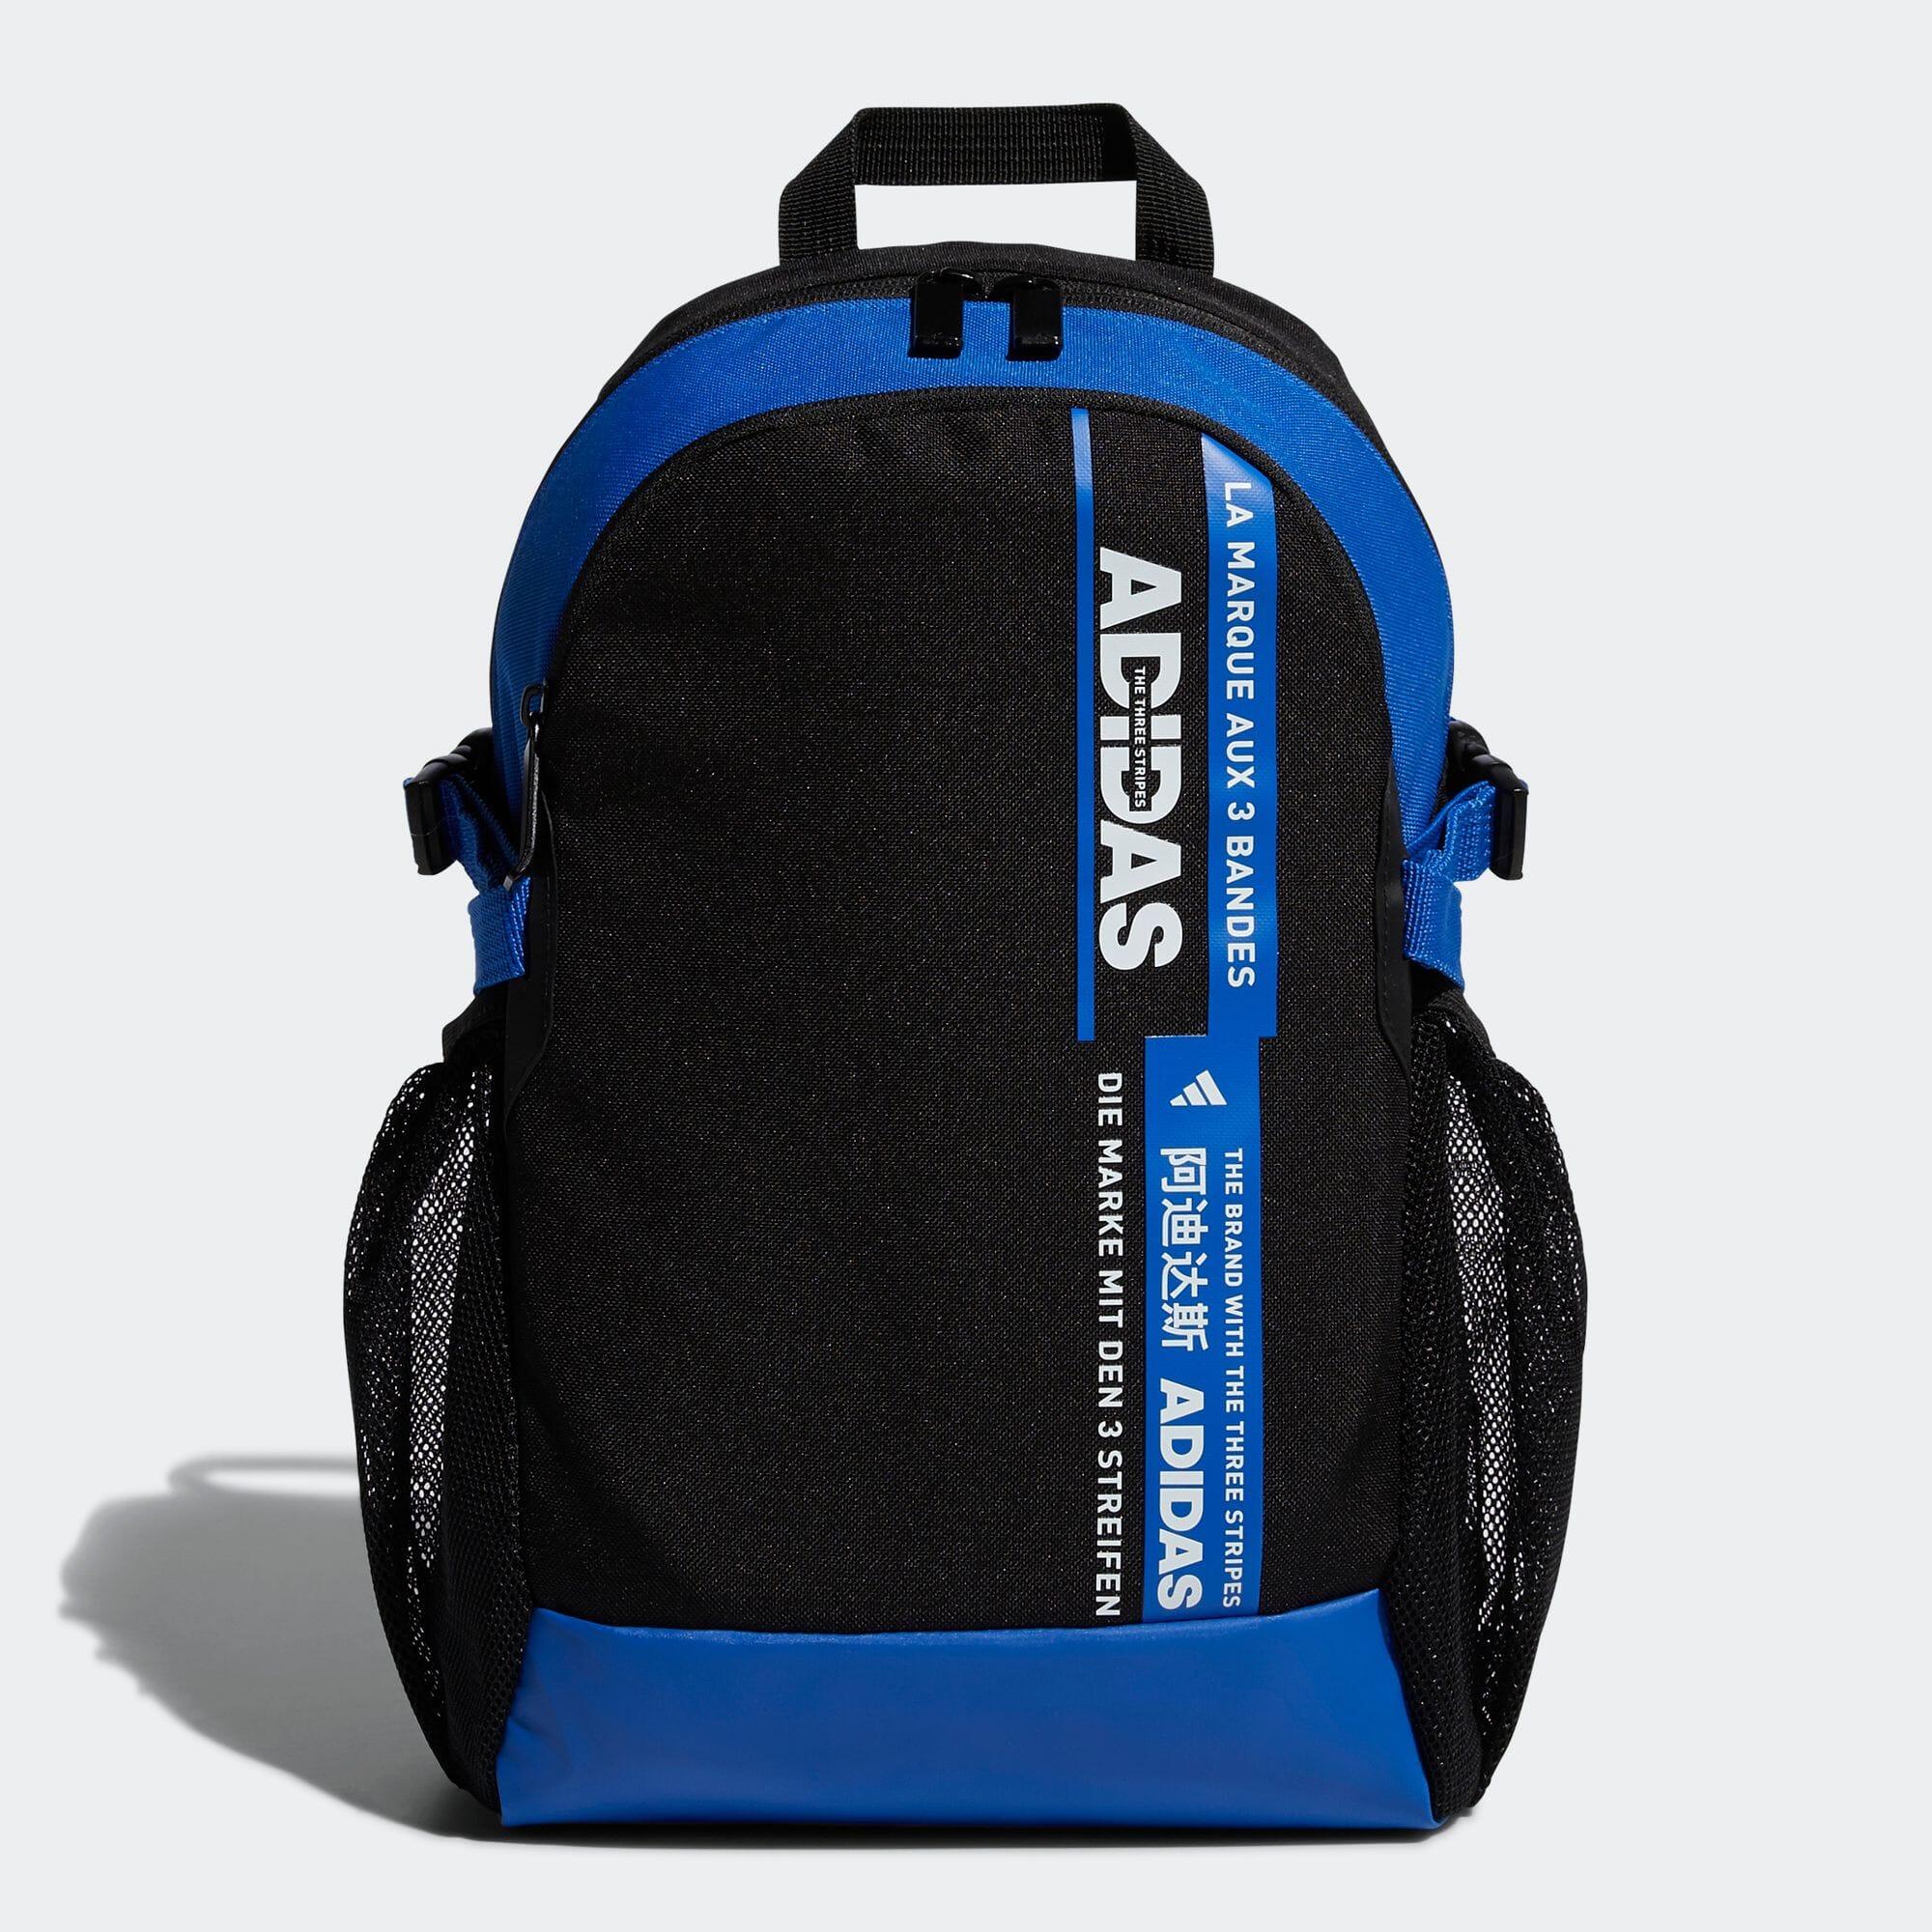 パワー バッジ オブ スポーツ バックパック / Power Badge of Sport Backpack